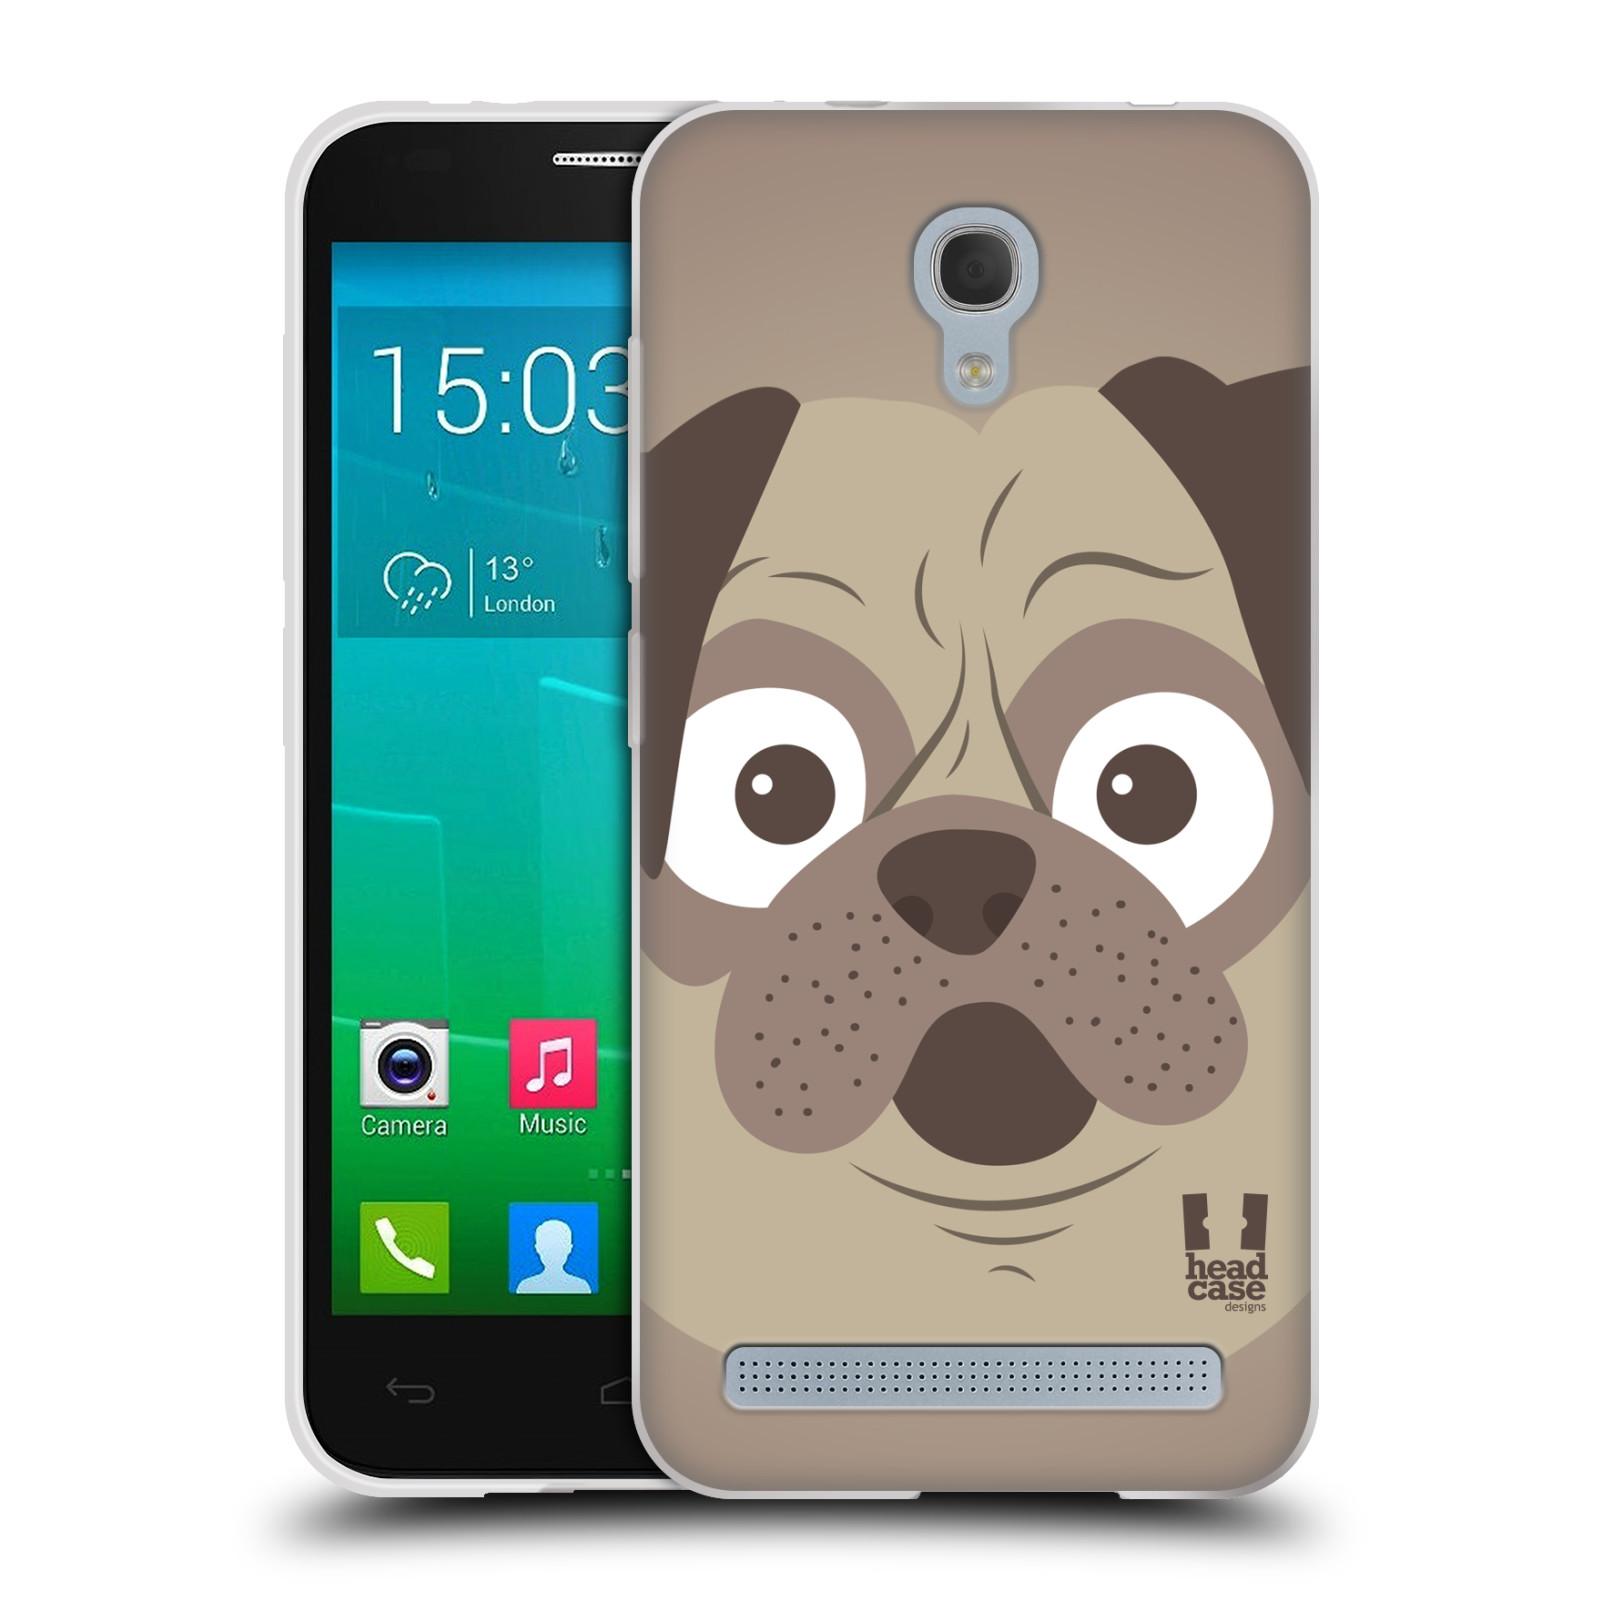 HEAD CASE silikonový obal na mobil Alcatel Idol 2 MINI S 6036Y vzor Cartoon Karikatura barevná kreslená zvířátka pes mopsík